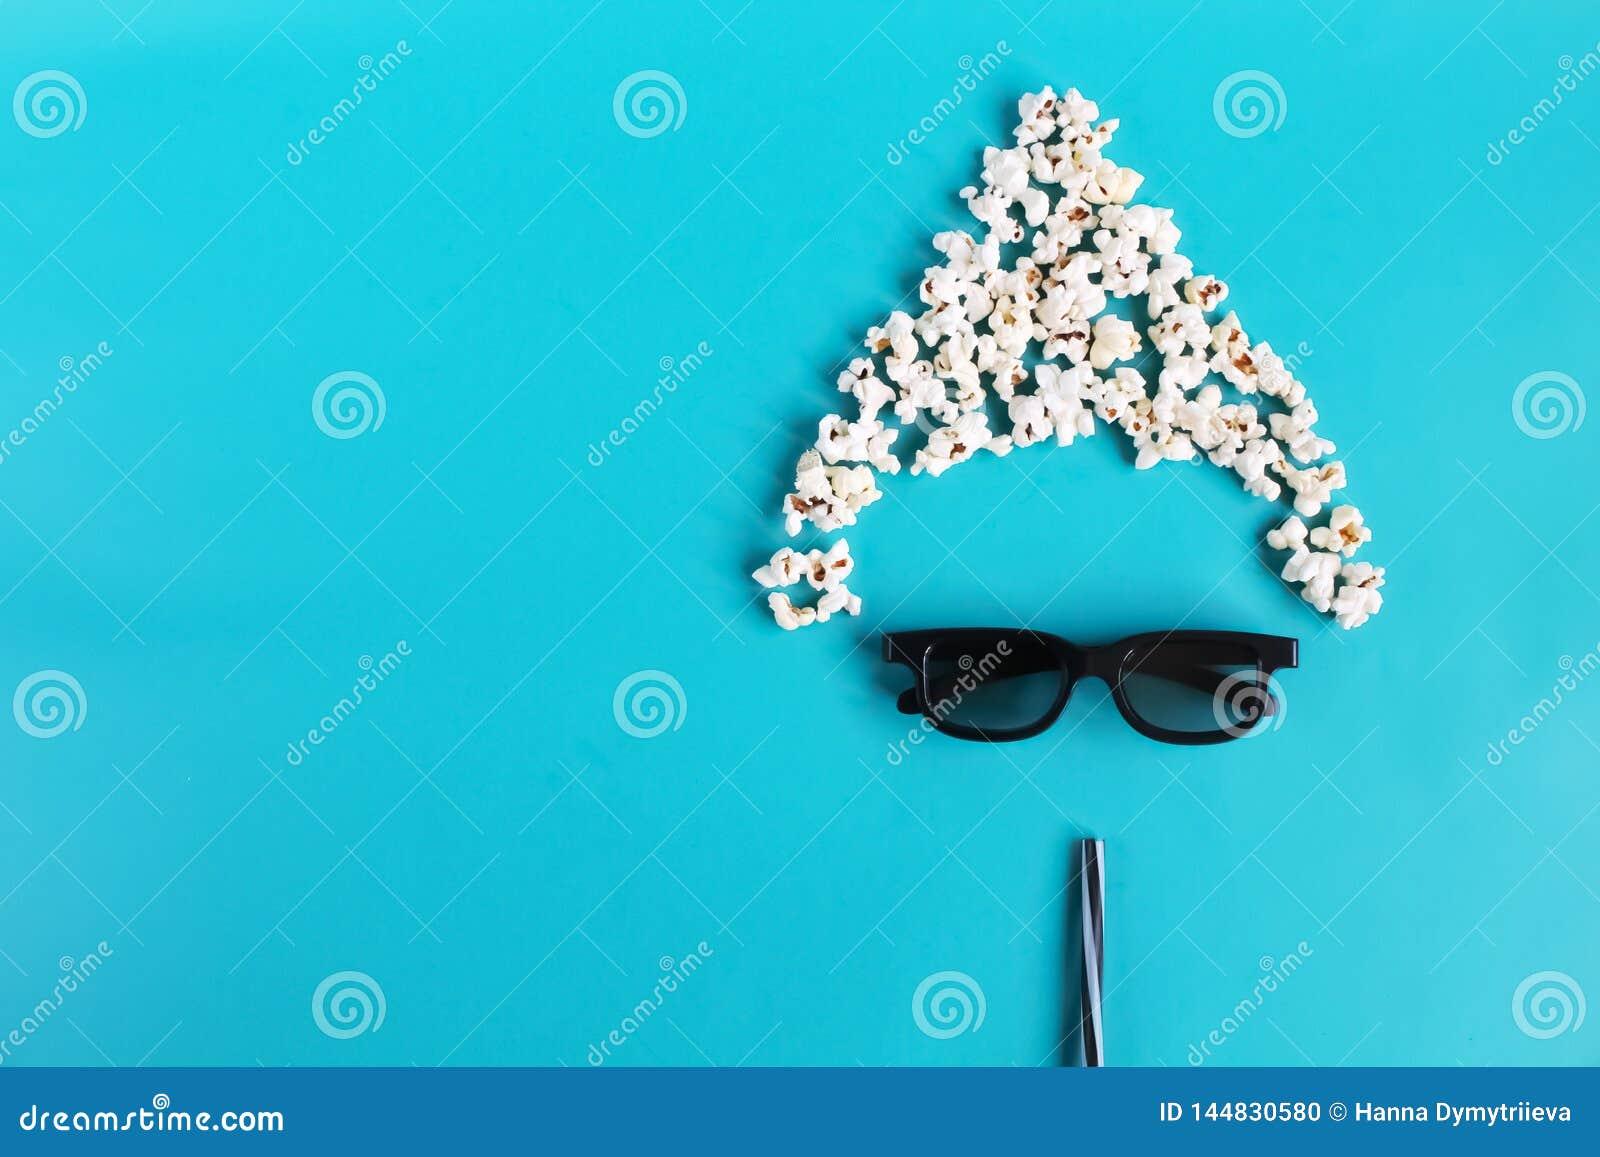 在蓝纸背景的戏院时间 观察者,3D玻璃,玉米花的抽象乐趣图象 E